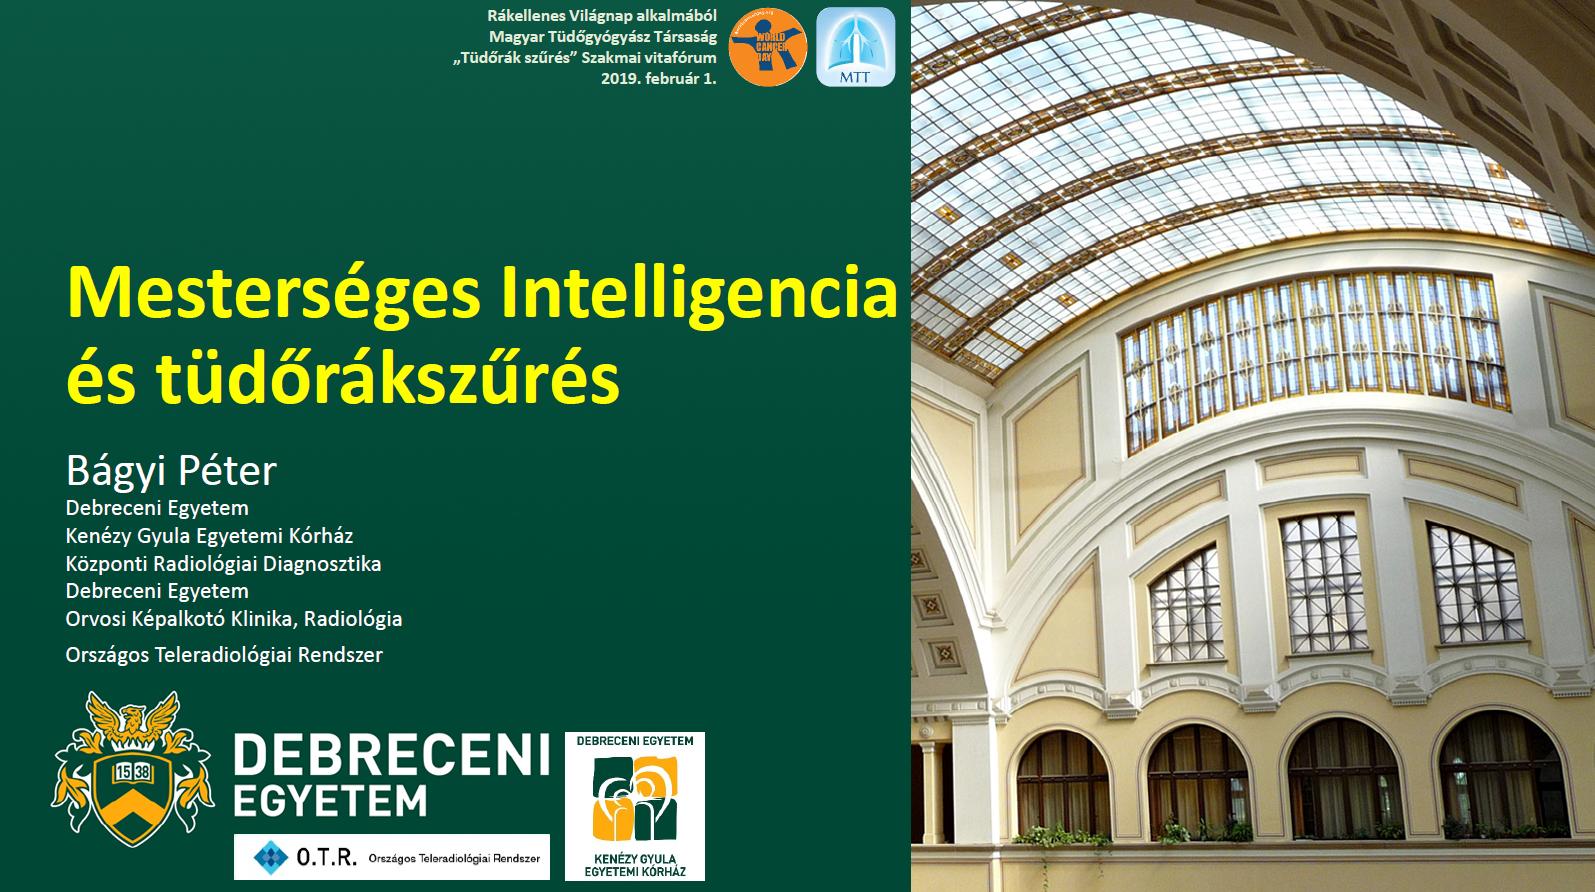 Mesterséges Intelligencia és tüdőrákszűrés (MTT - 2019.02.01)